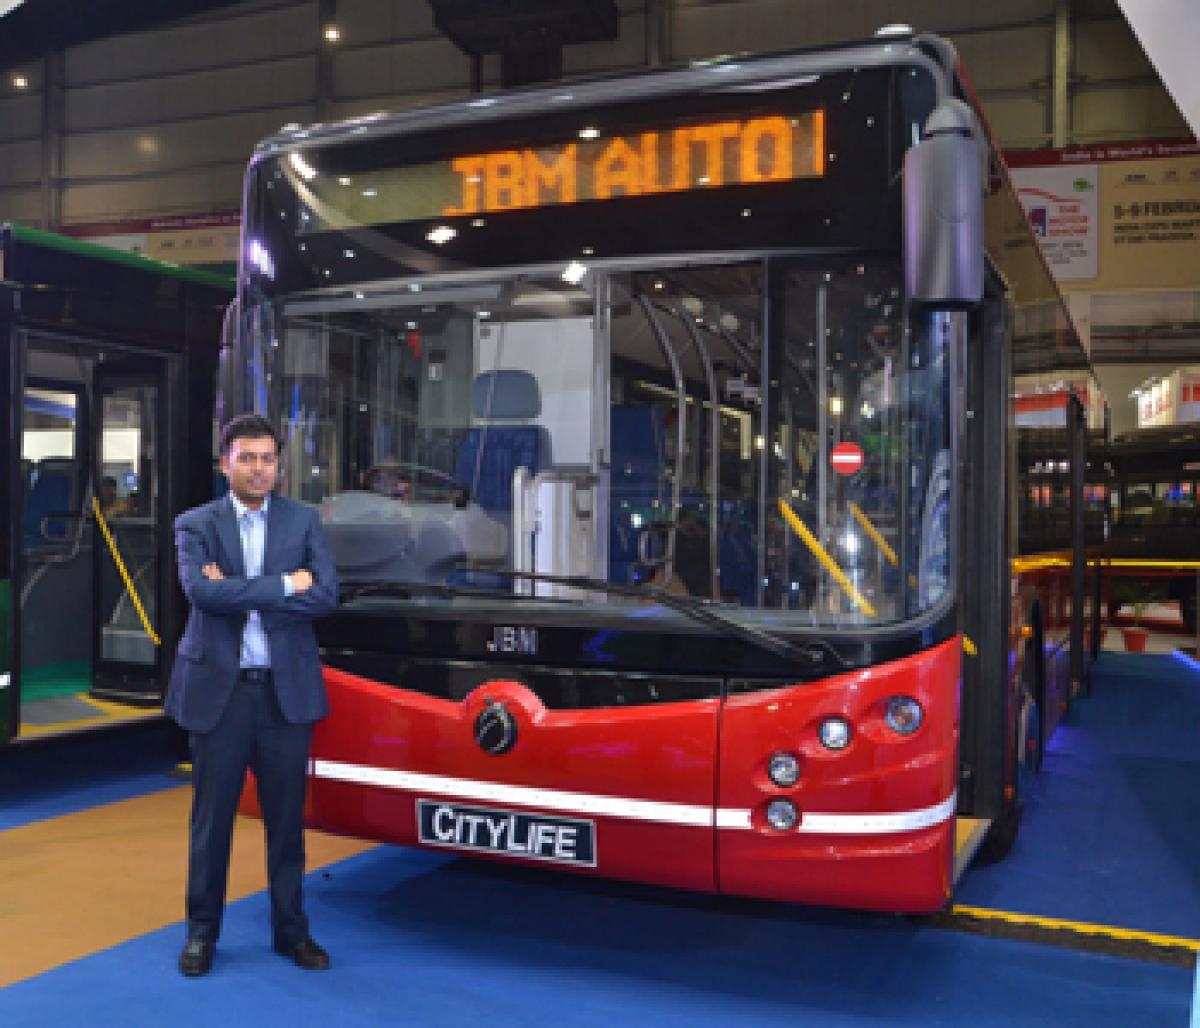 CITYLIFE diesel bus is here